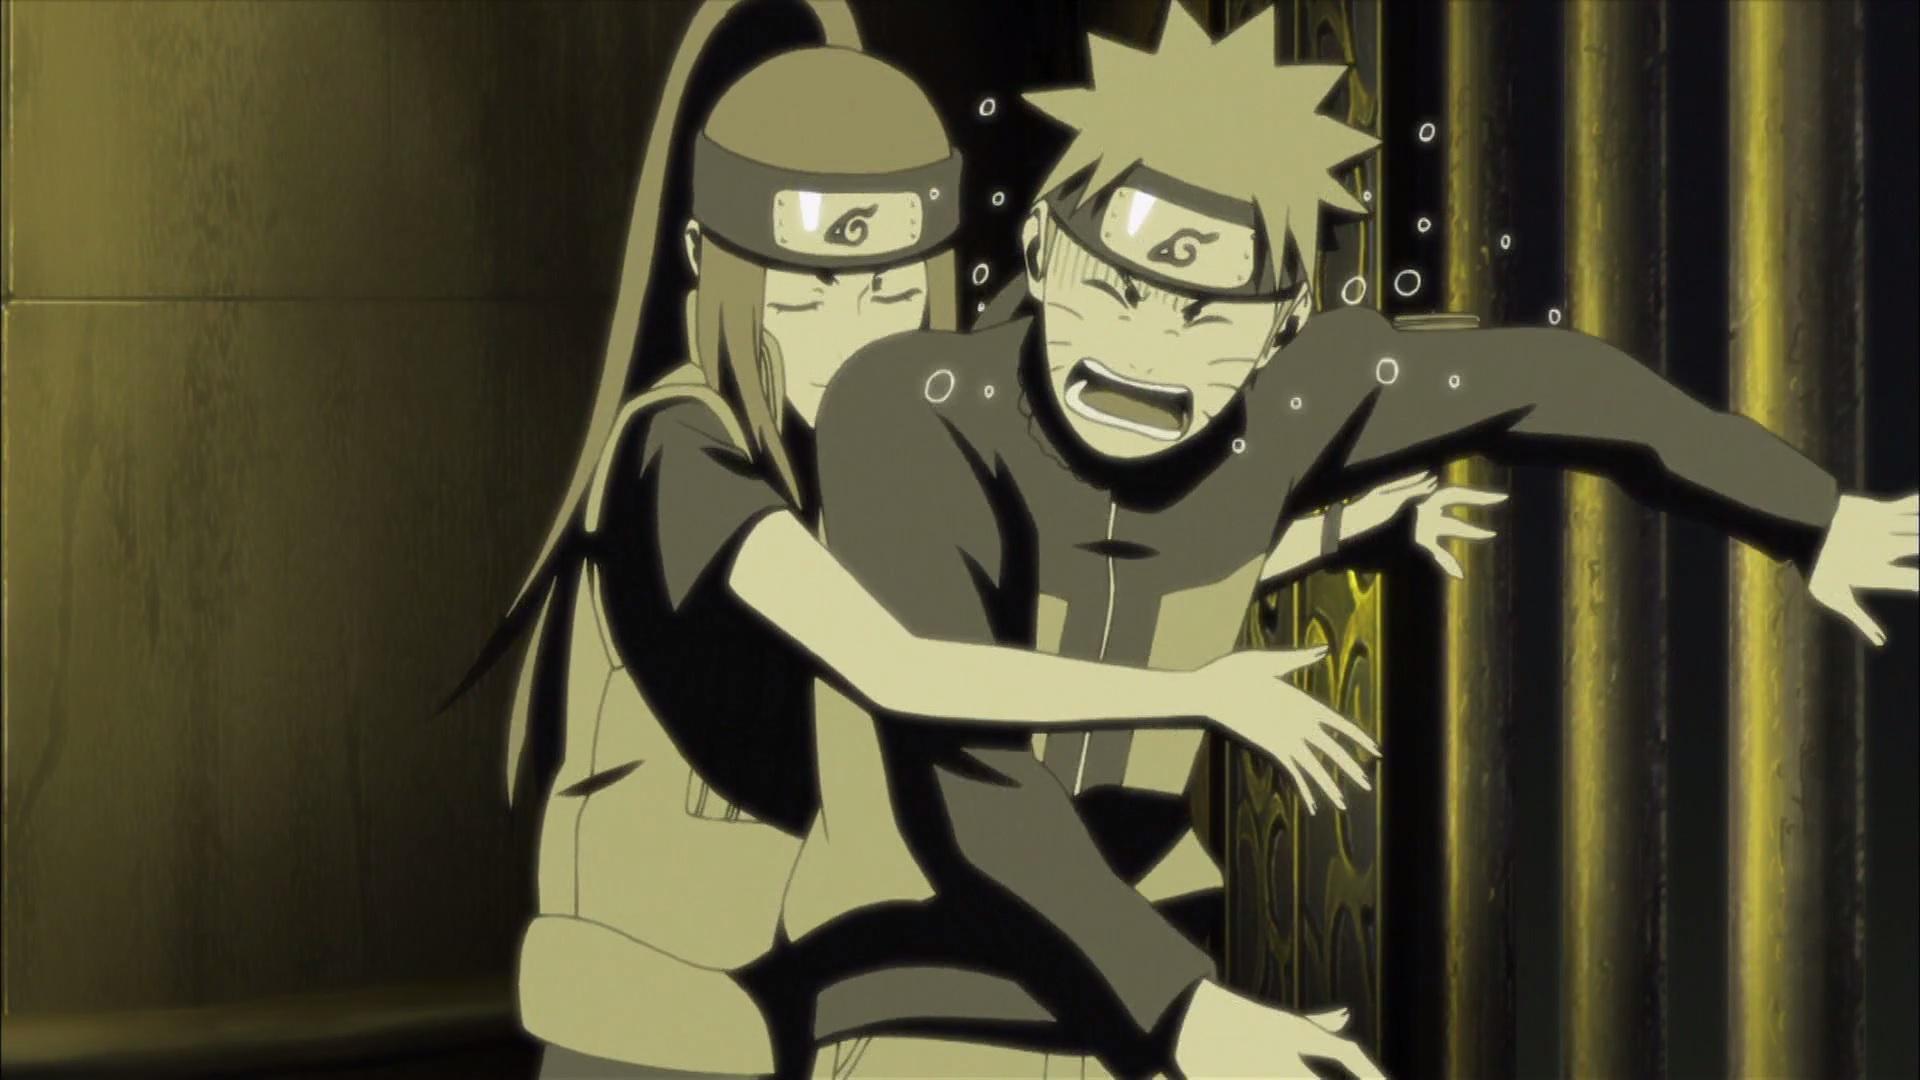 Naruto and nagato village safe naruto shippuden 448 daily anime art - Manga naruto shippuden ...